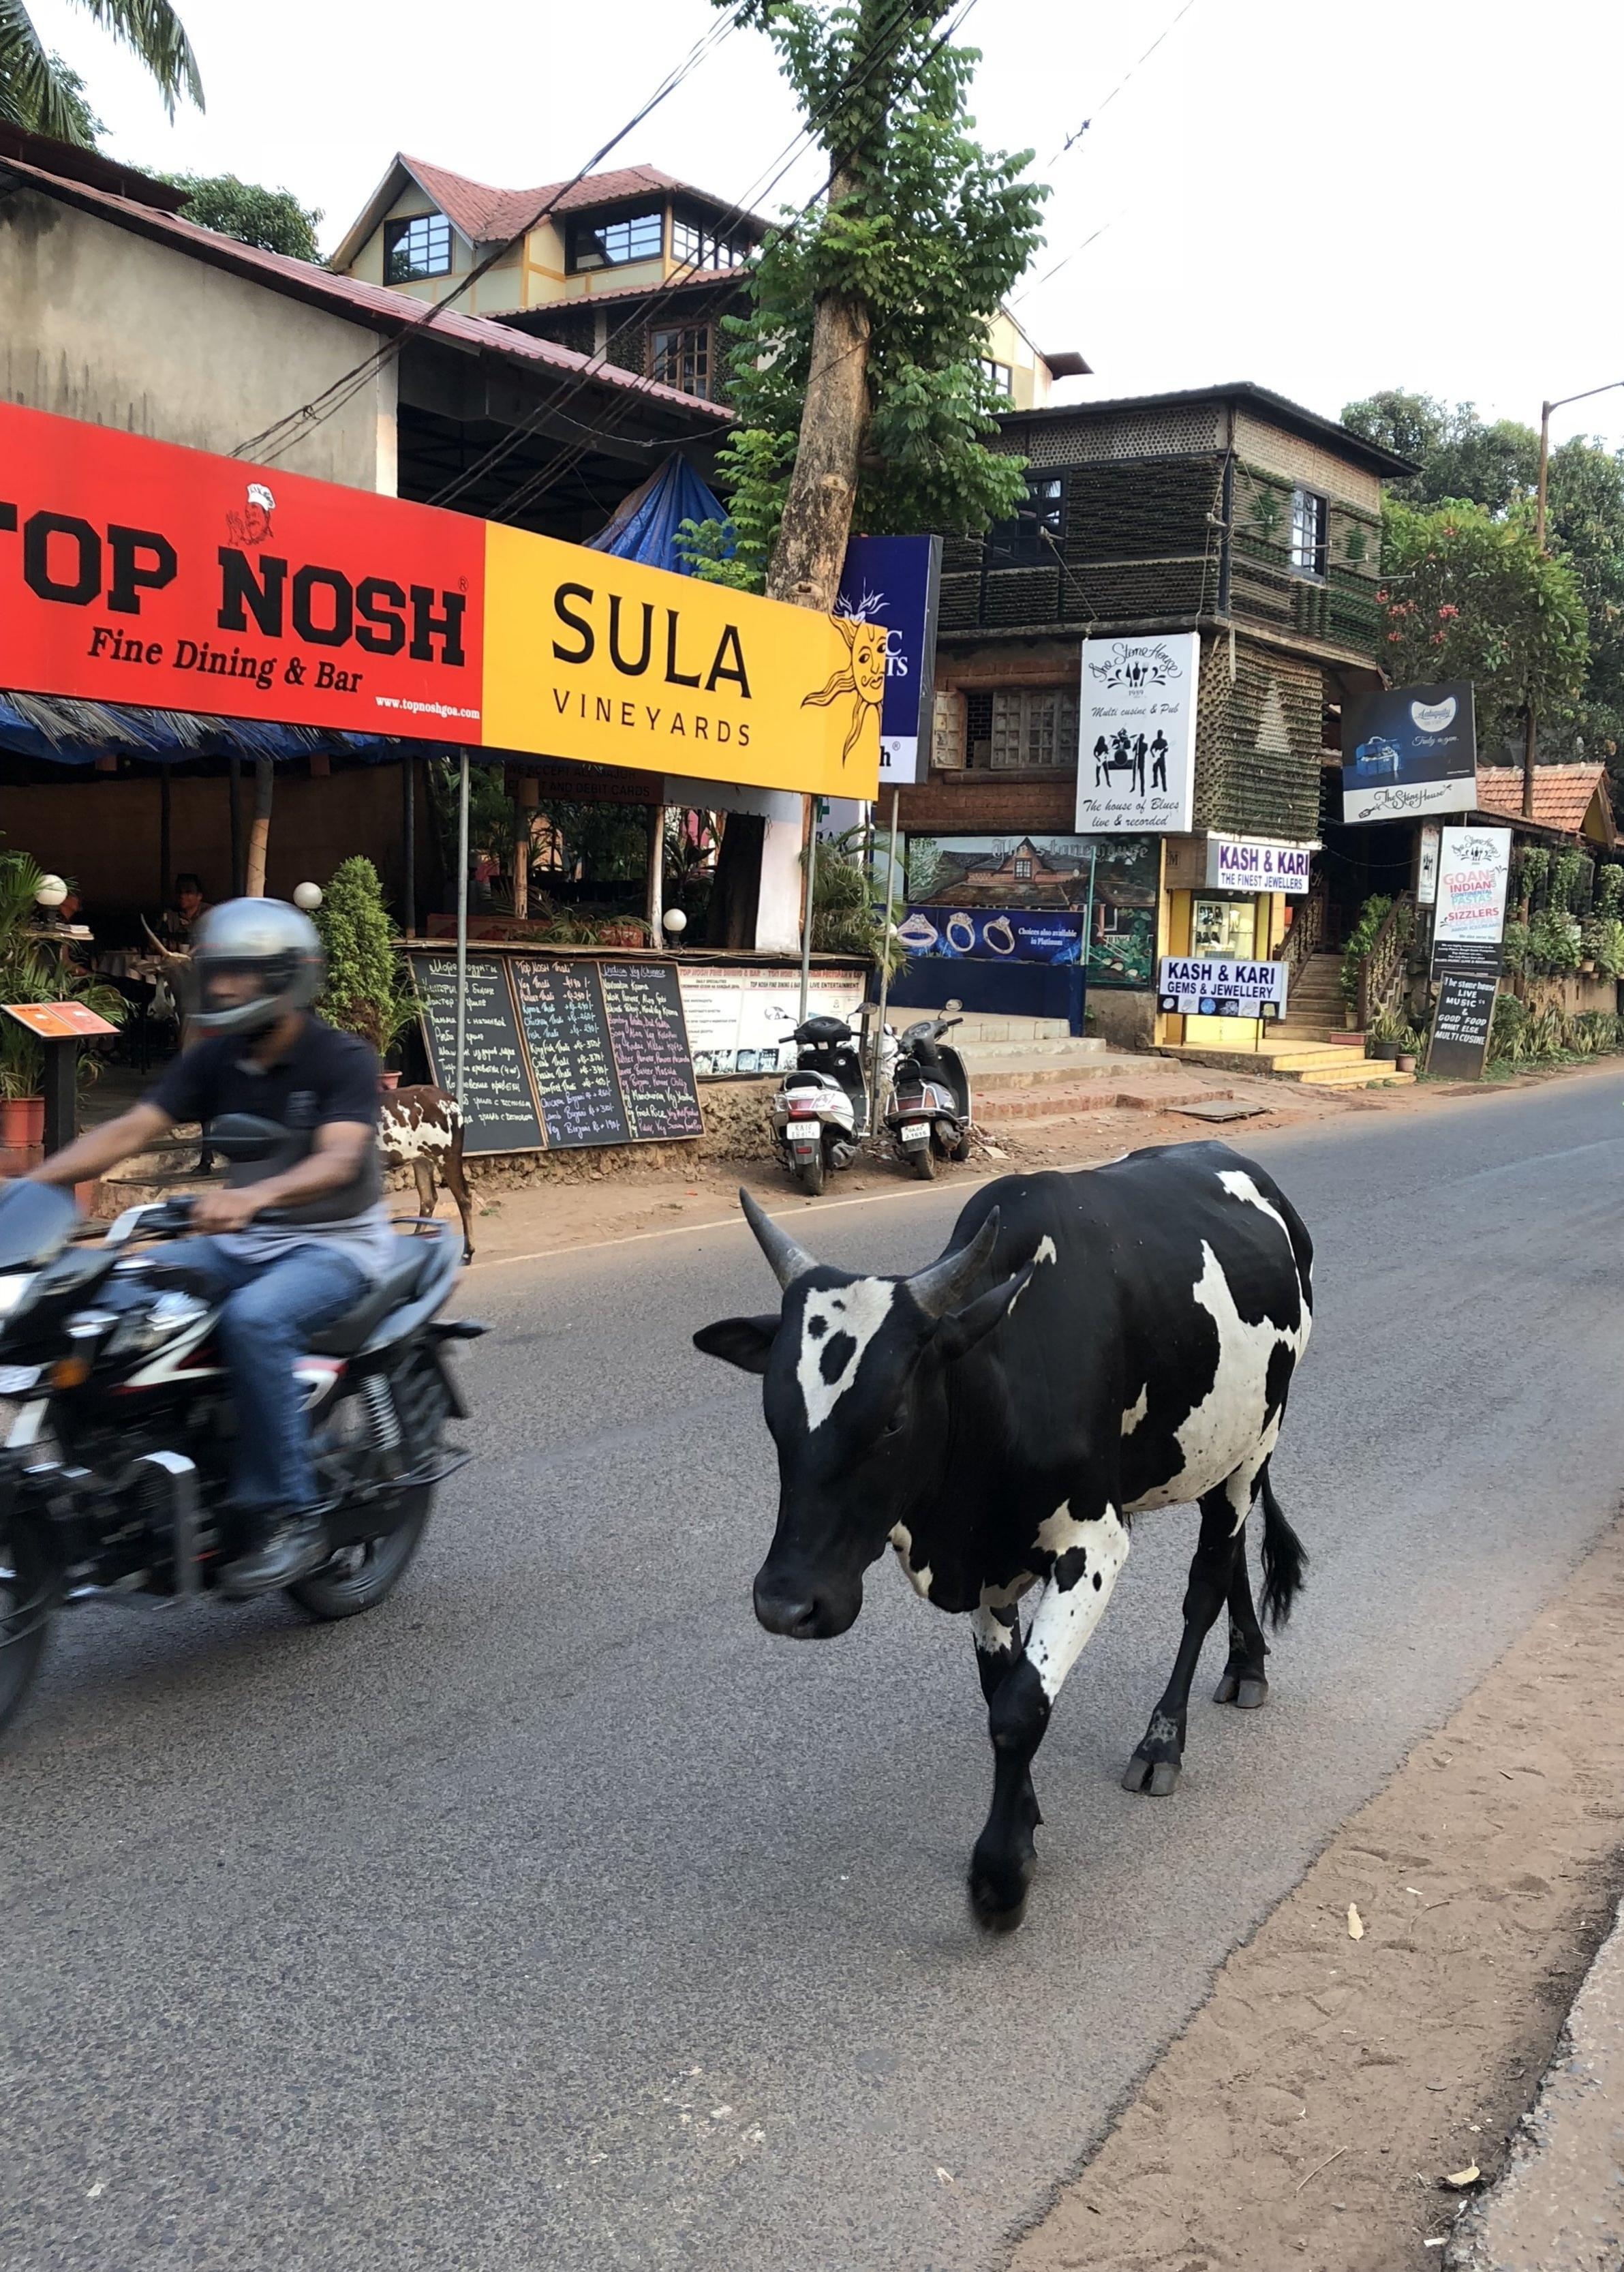 Traffic in Goa